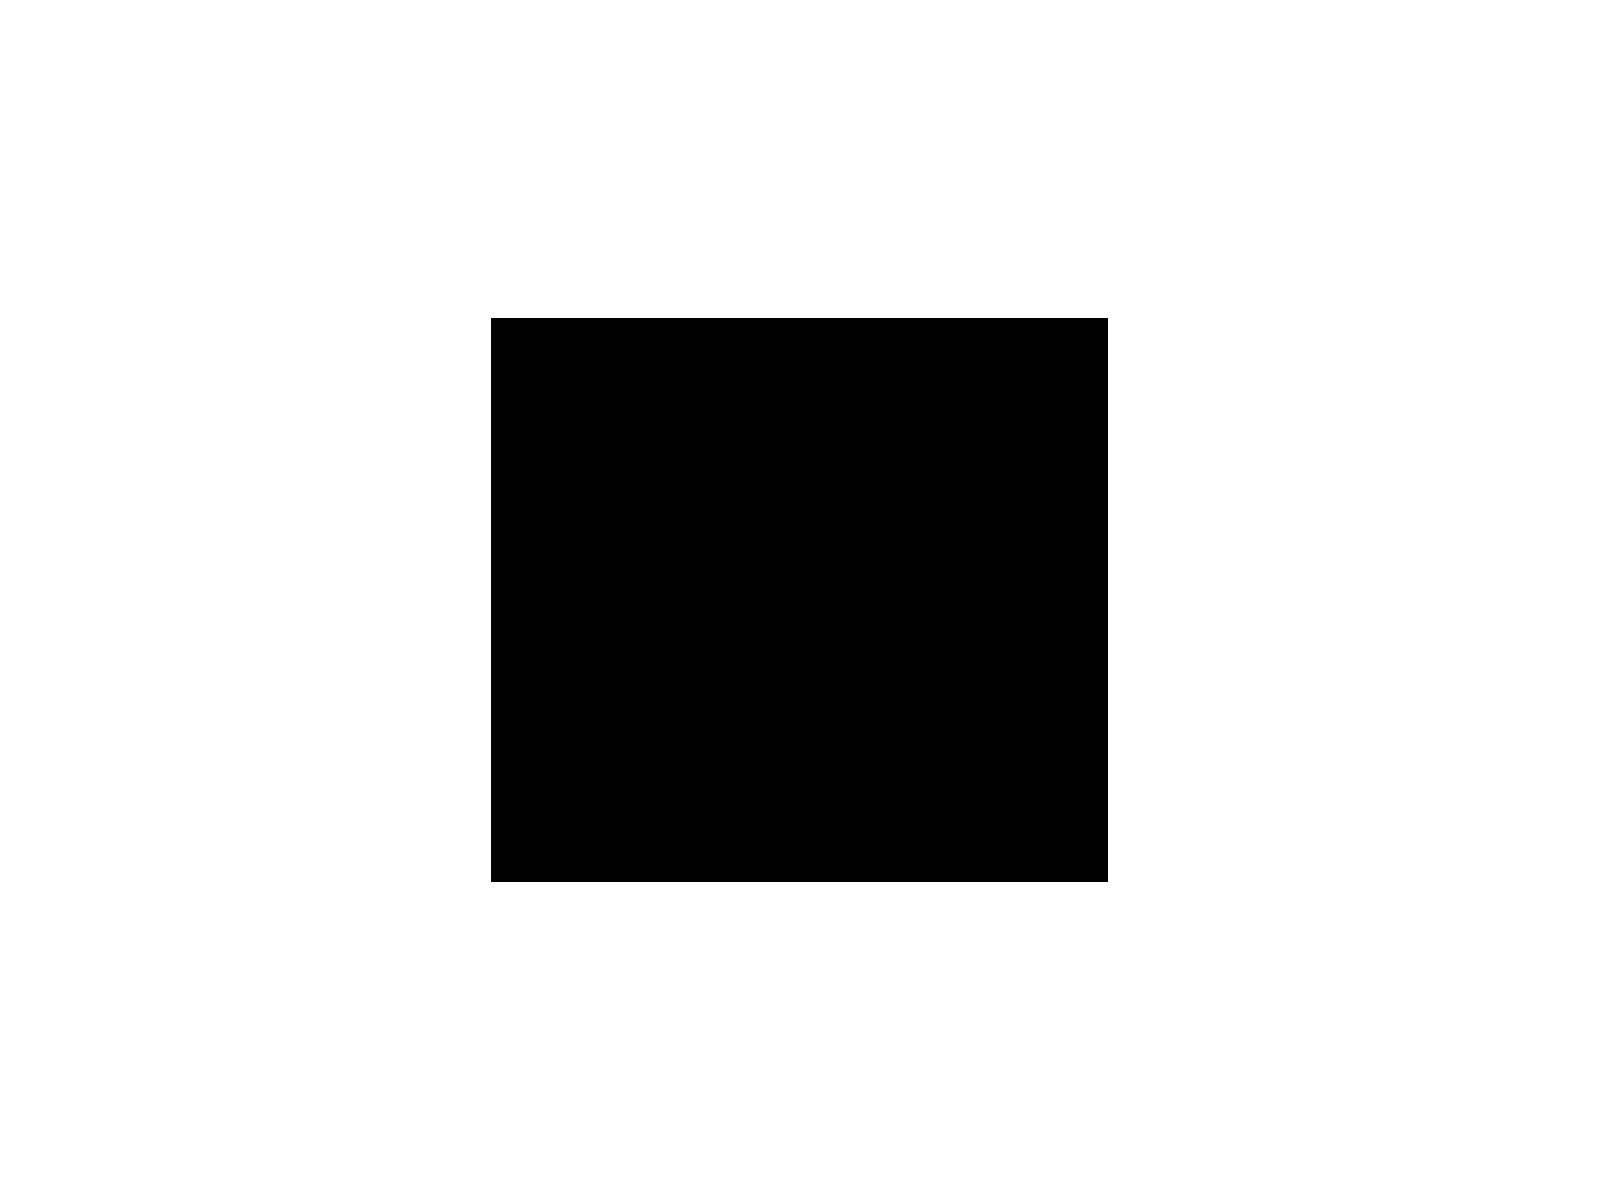 Logo acur lunamedia co. Clipart wedding swan